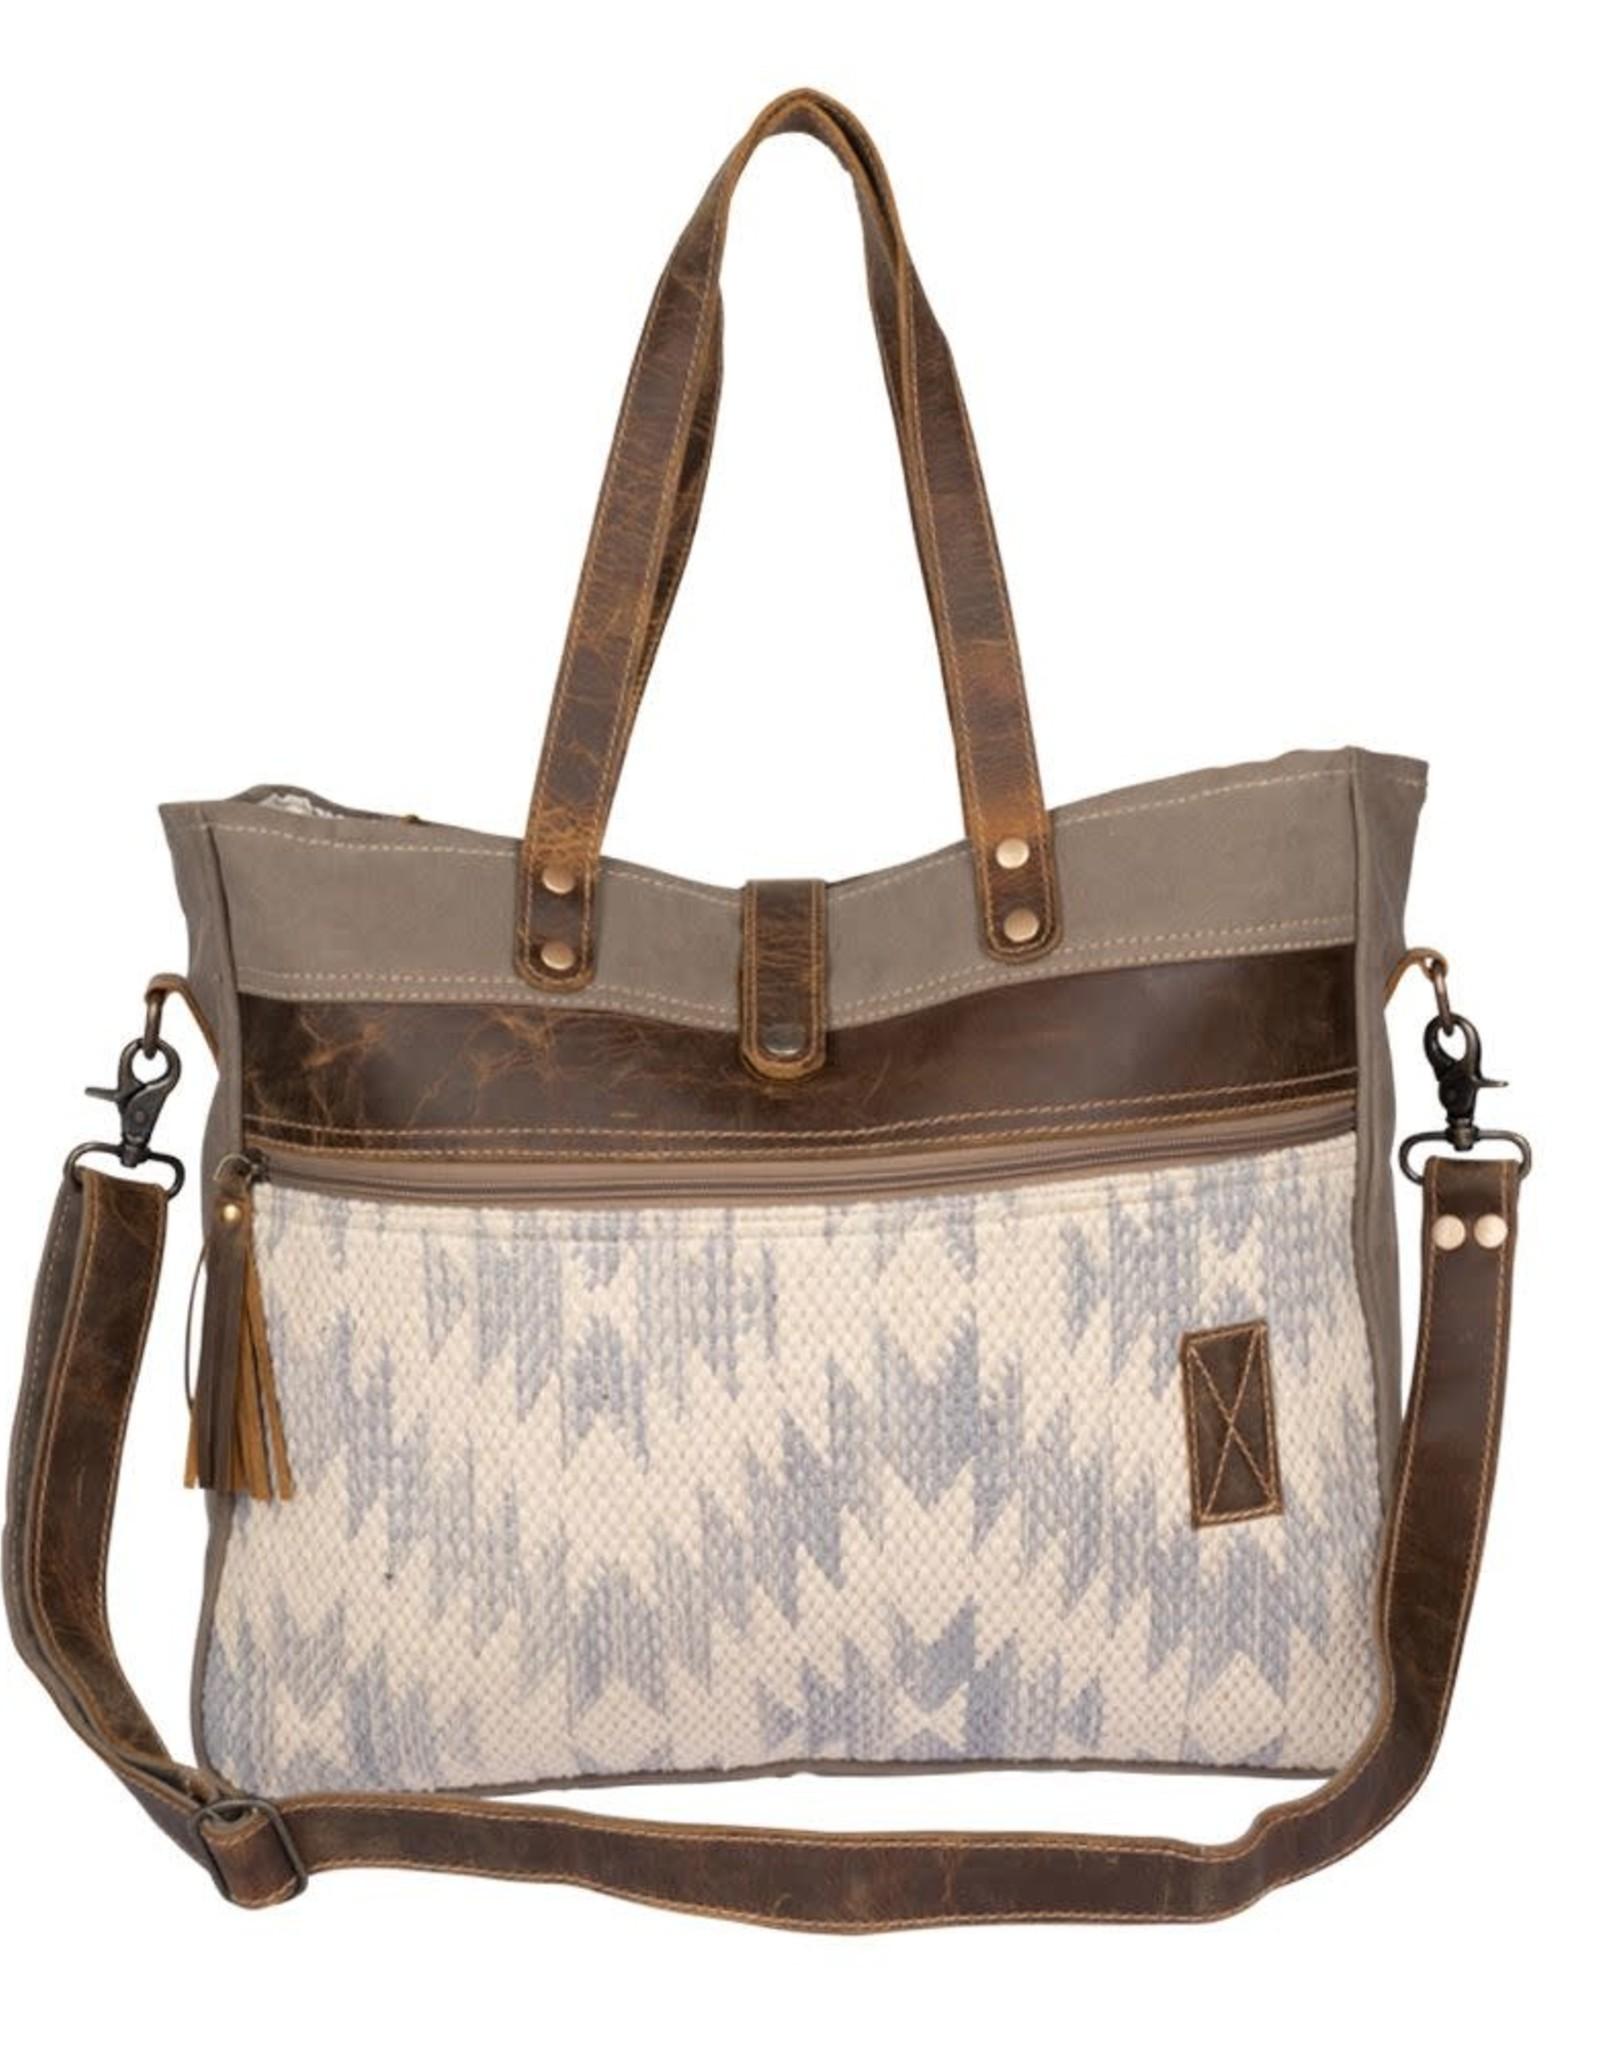 Wink Charming Weekend Bag